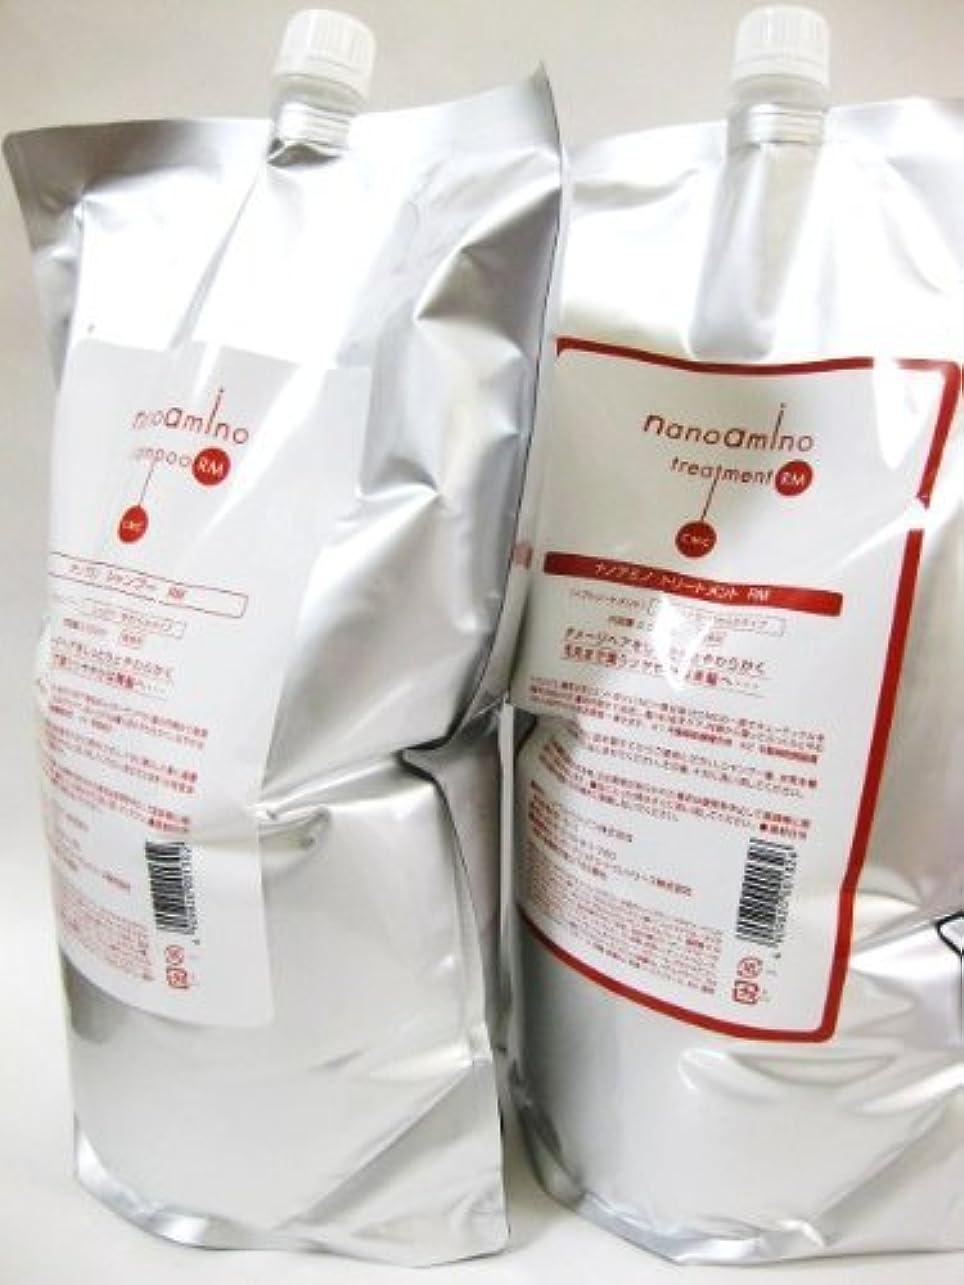 荷物破裂ボウリングニューウェイジャパン ナノアミノ RM 2500 詰替えタイプ 合わせて5キロ!![ビックサイズ]セット